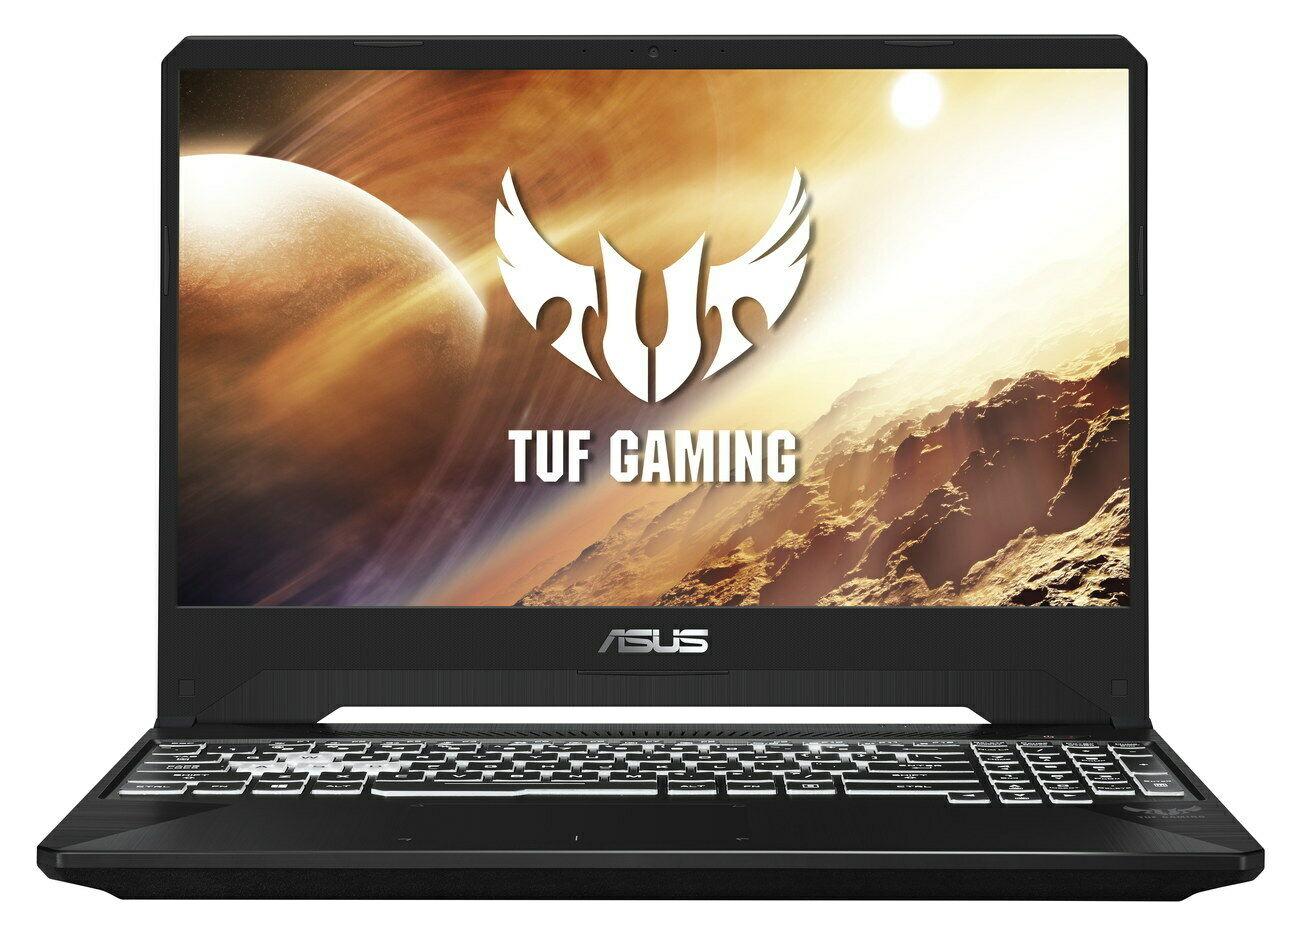 ASUS TUF GAMING RYZEN 5 3550H 8GB DDR4 GTX 1650 4GB SSD 512GB NO OS